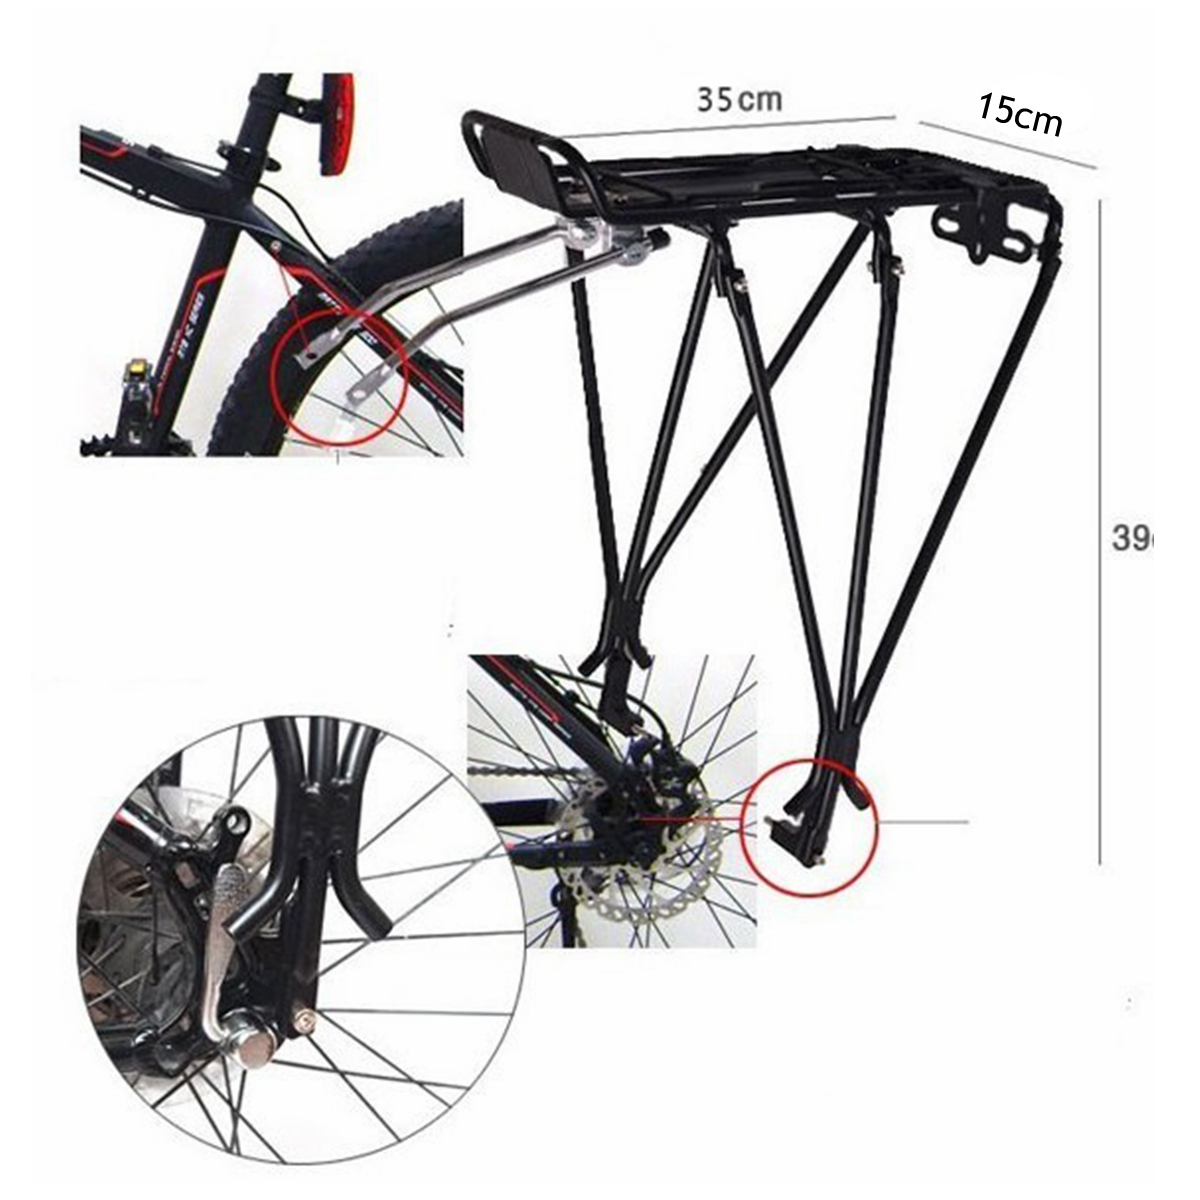 Cycling Bicycle Mountain Bike Rear Carrier Shelf Bracket